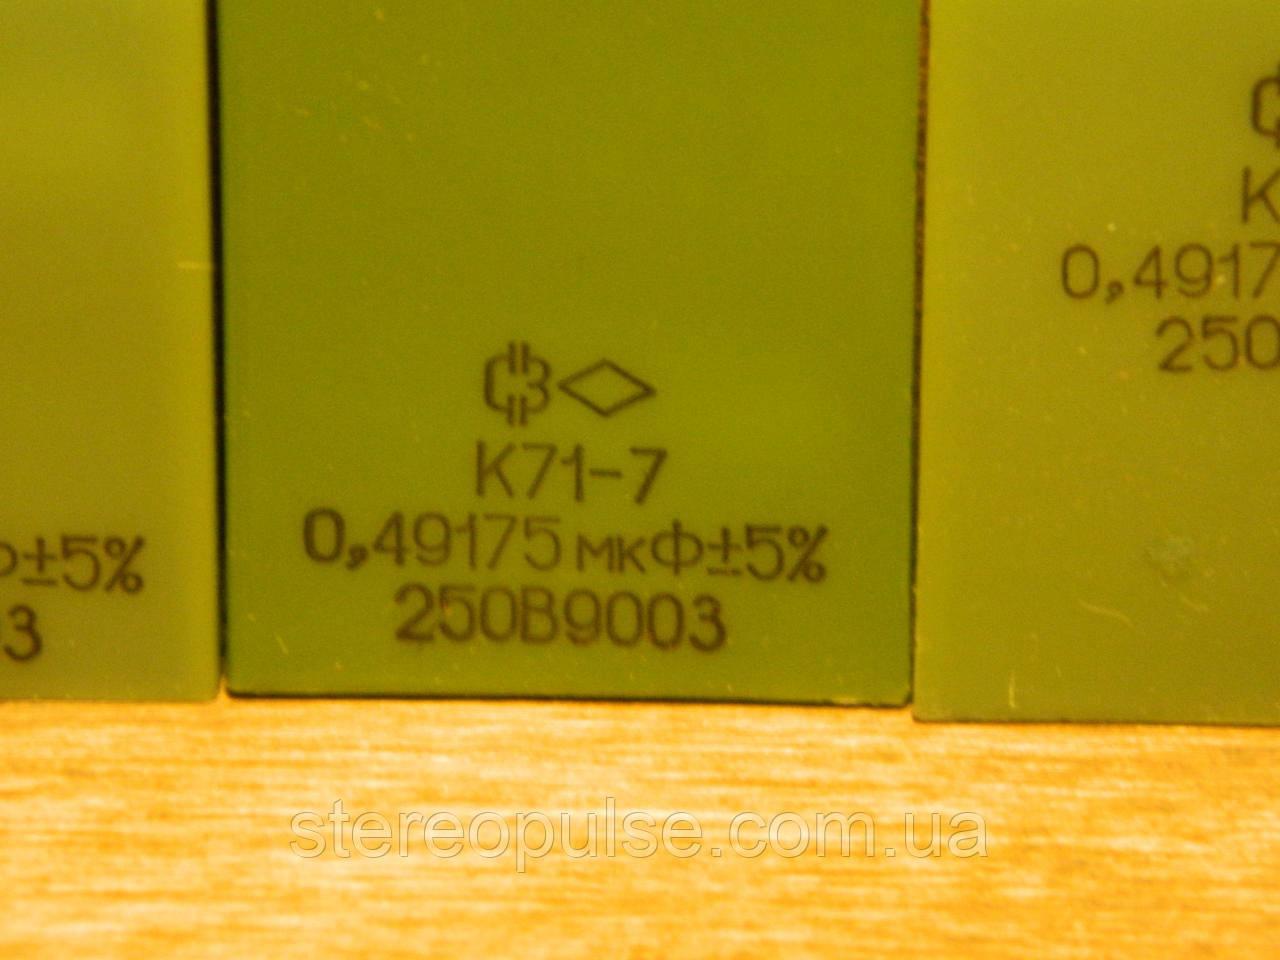 Конденсатор К71-7 0.5 мкФ 250В 0.5%